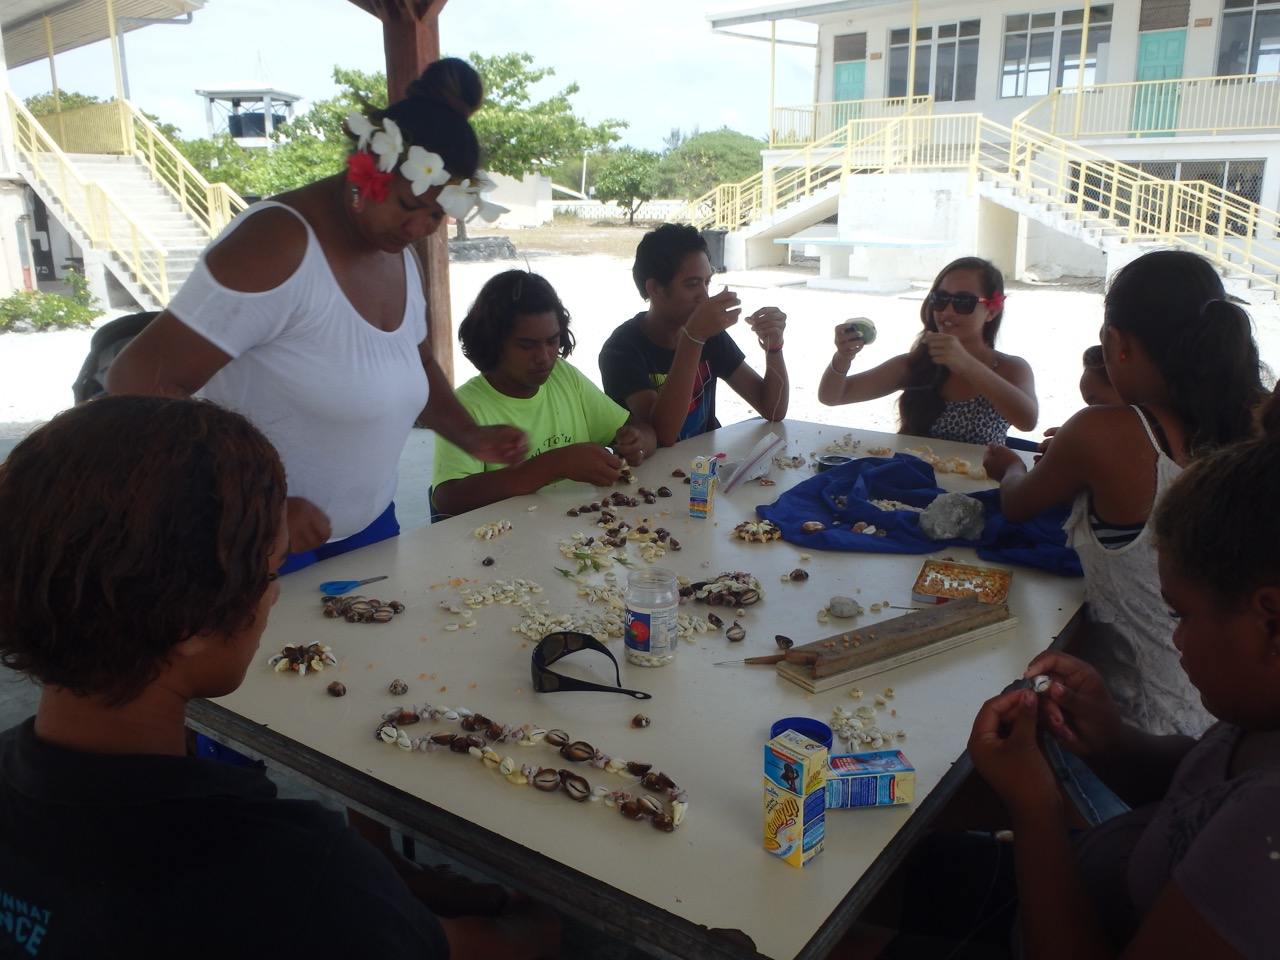 Comment confectionner des colliers de coquillages, un atelier qui a remporté un franc succès auprès des jeunes